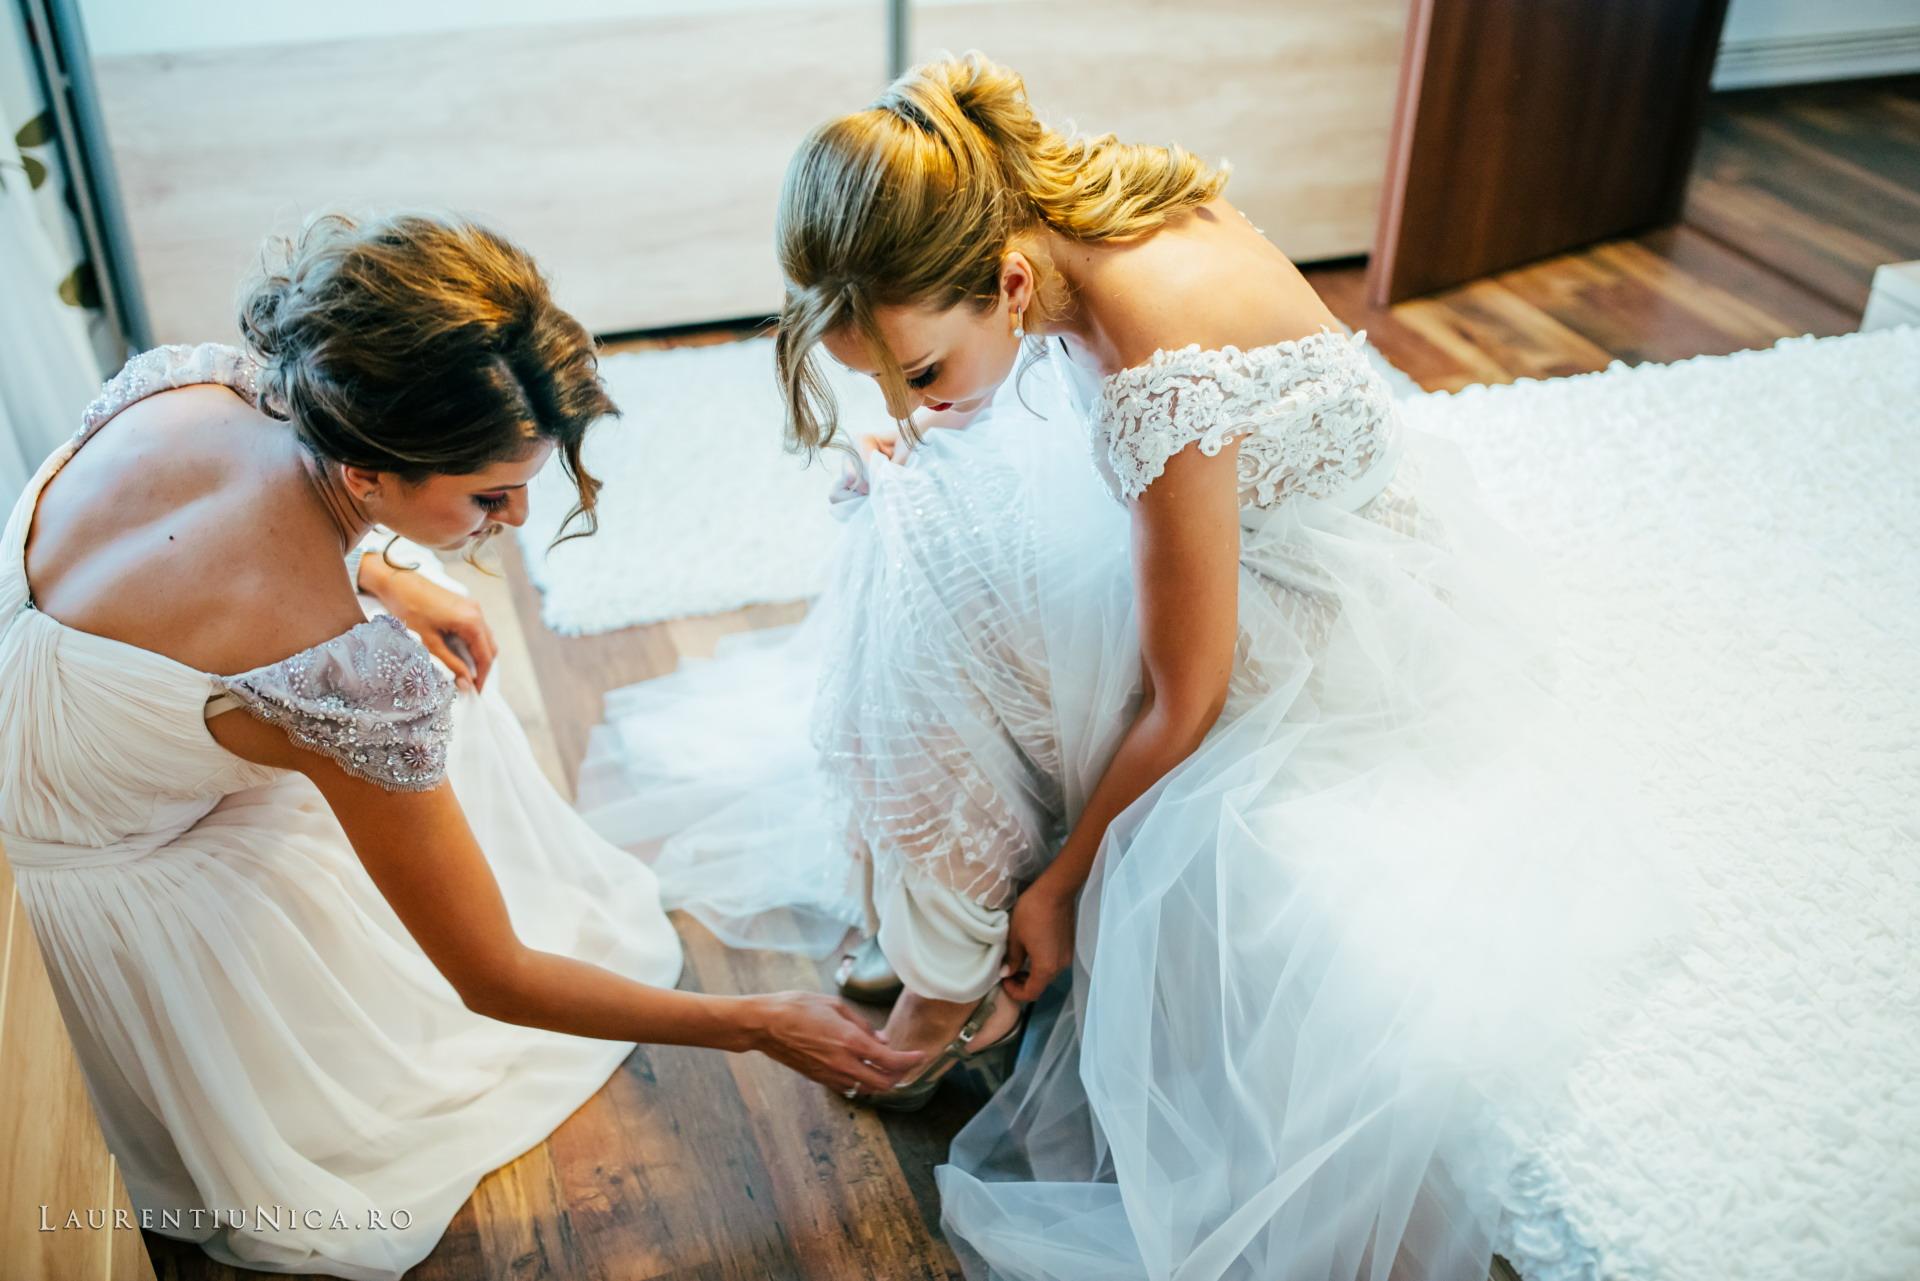 carolina si sorin craiova fotograf nunta laurentiu nica18 - Carolina & Sorin | Fotografii nunta